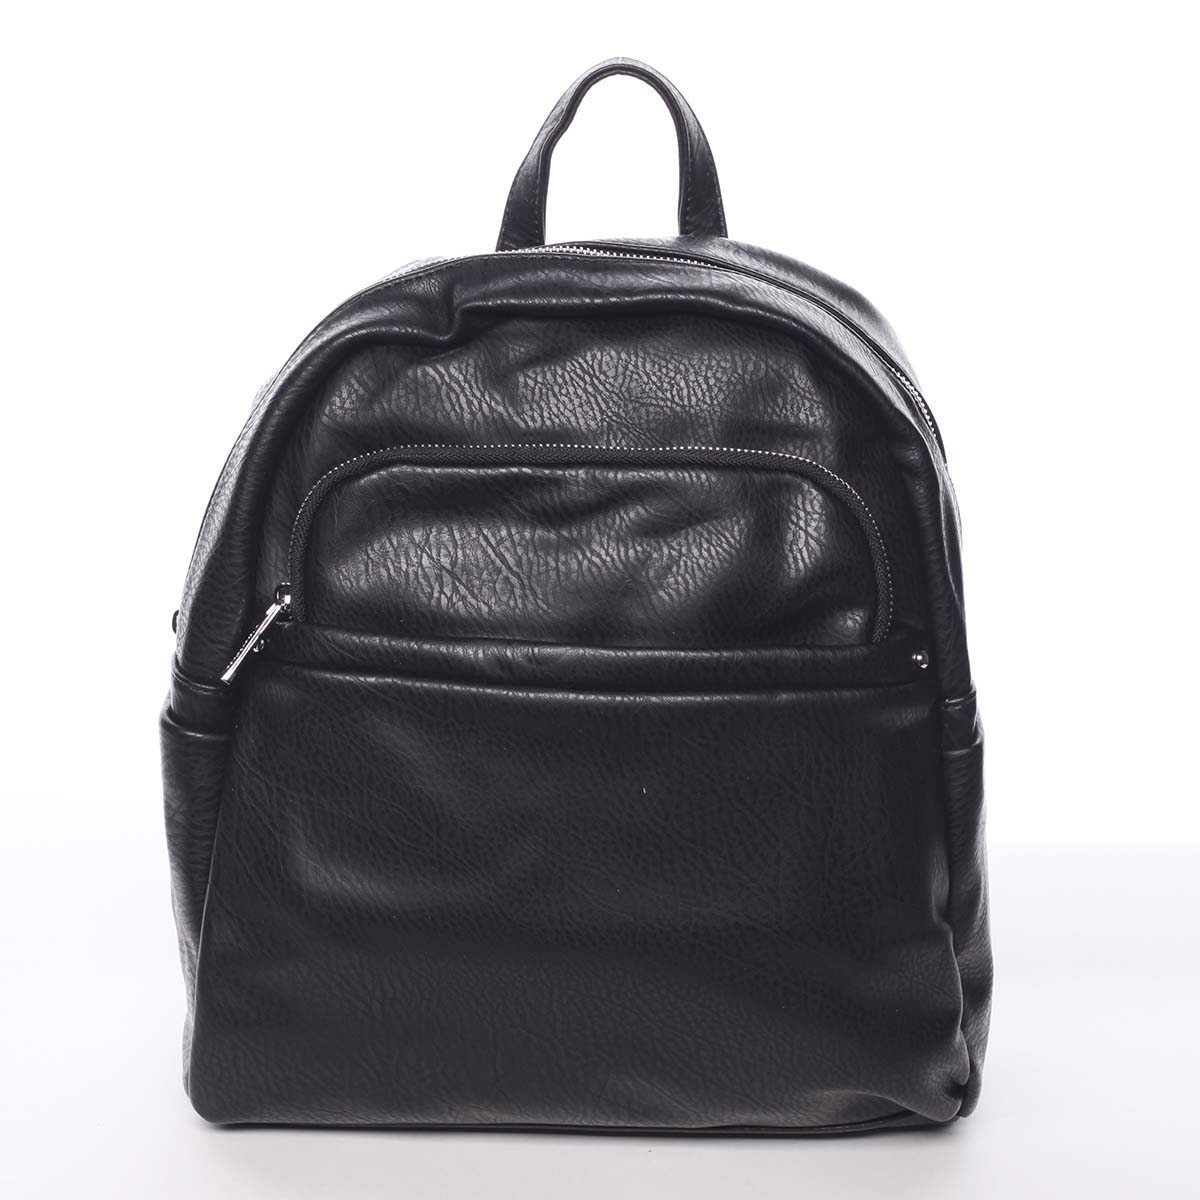 Stredný mestský dámsky čierny ruksak - Silvia Rosa Jimm